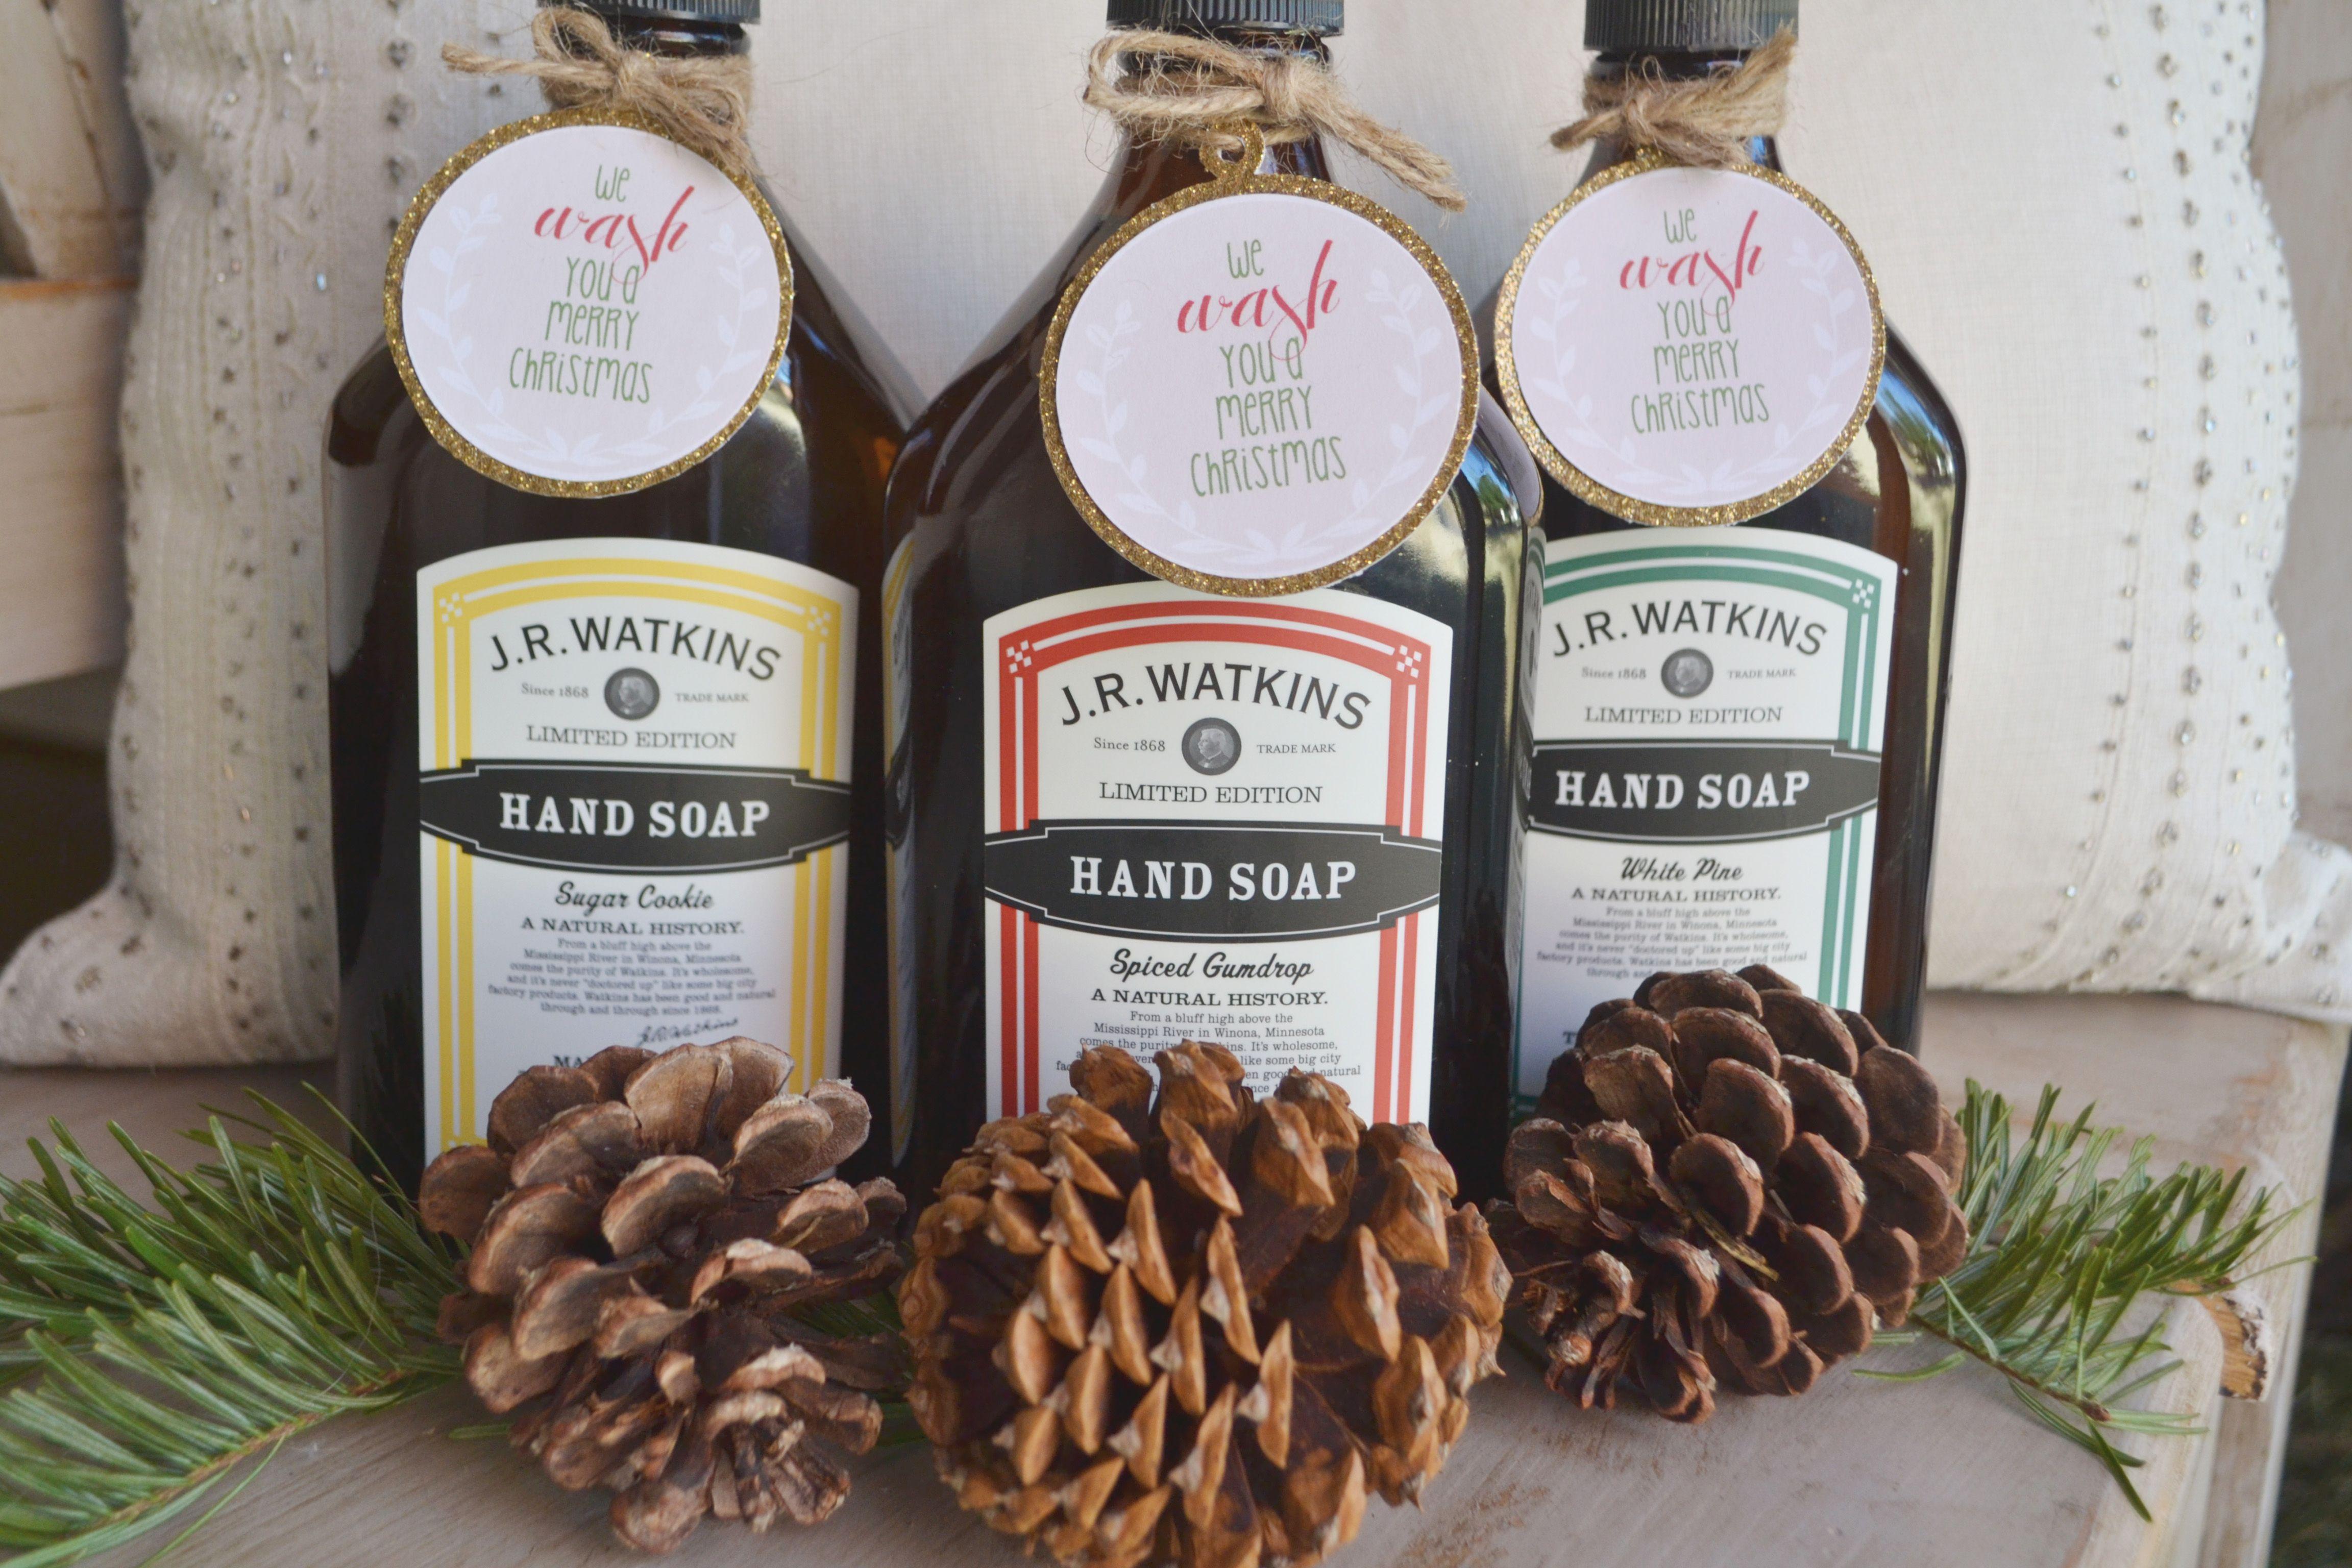 Free Printable Gift Tags - We Wash You A Merry Christmas// Perfect - We Wash You A Merry Christmas Free Printable